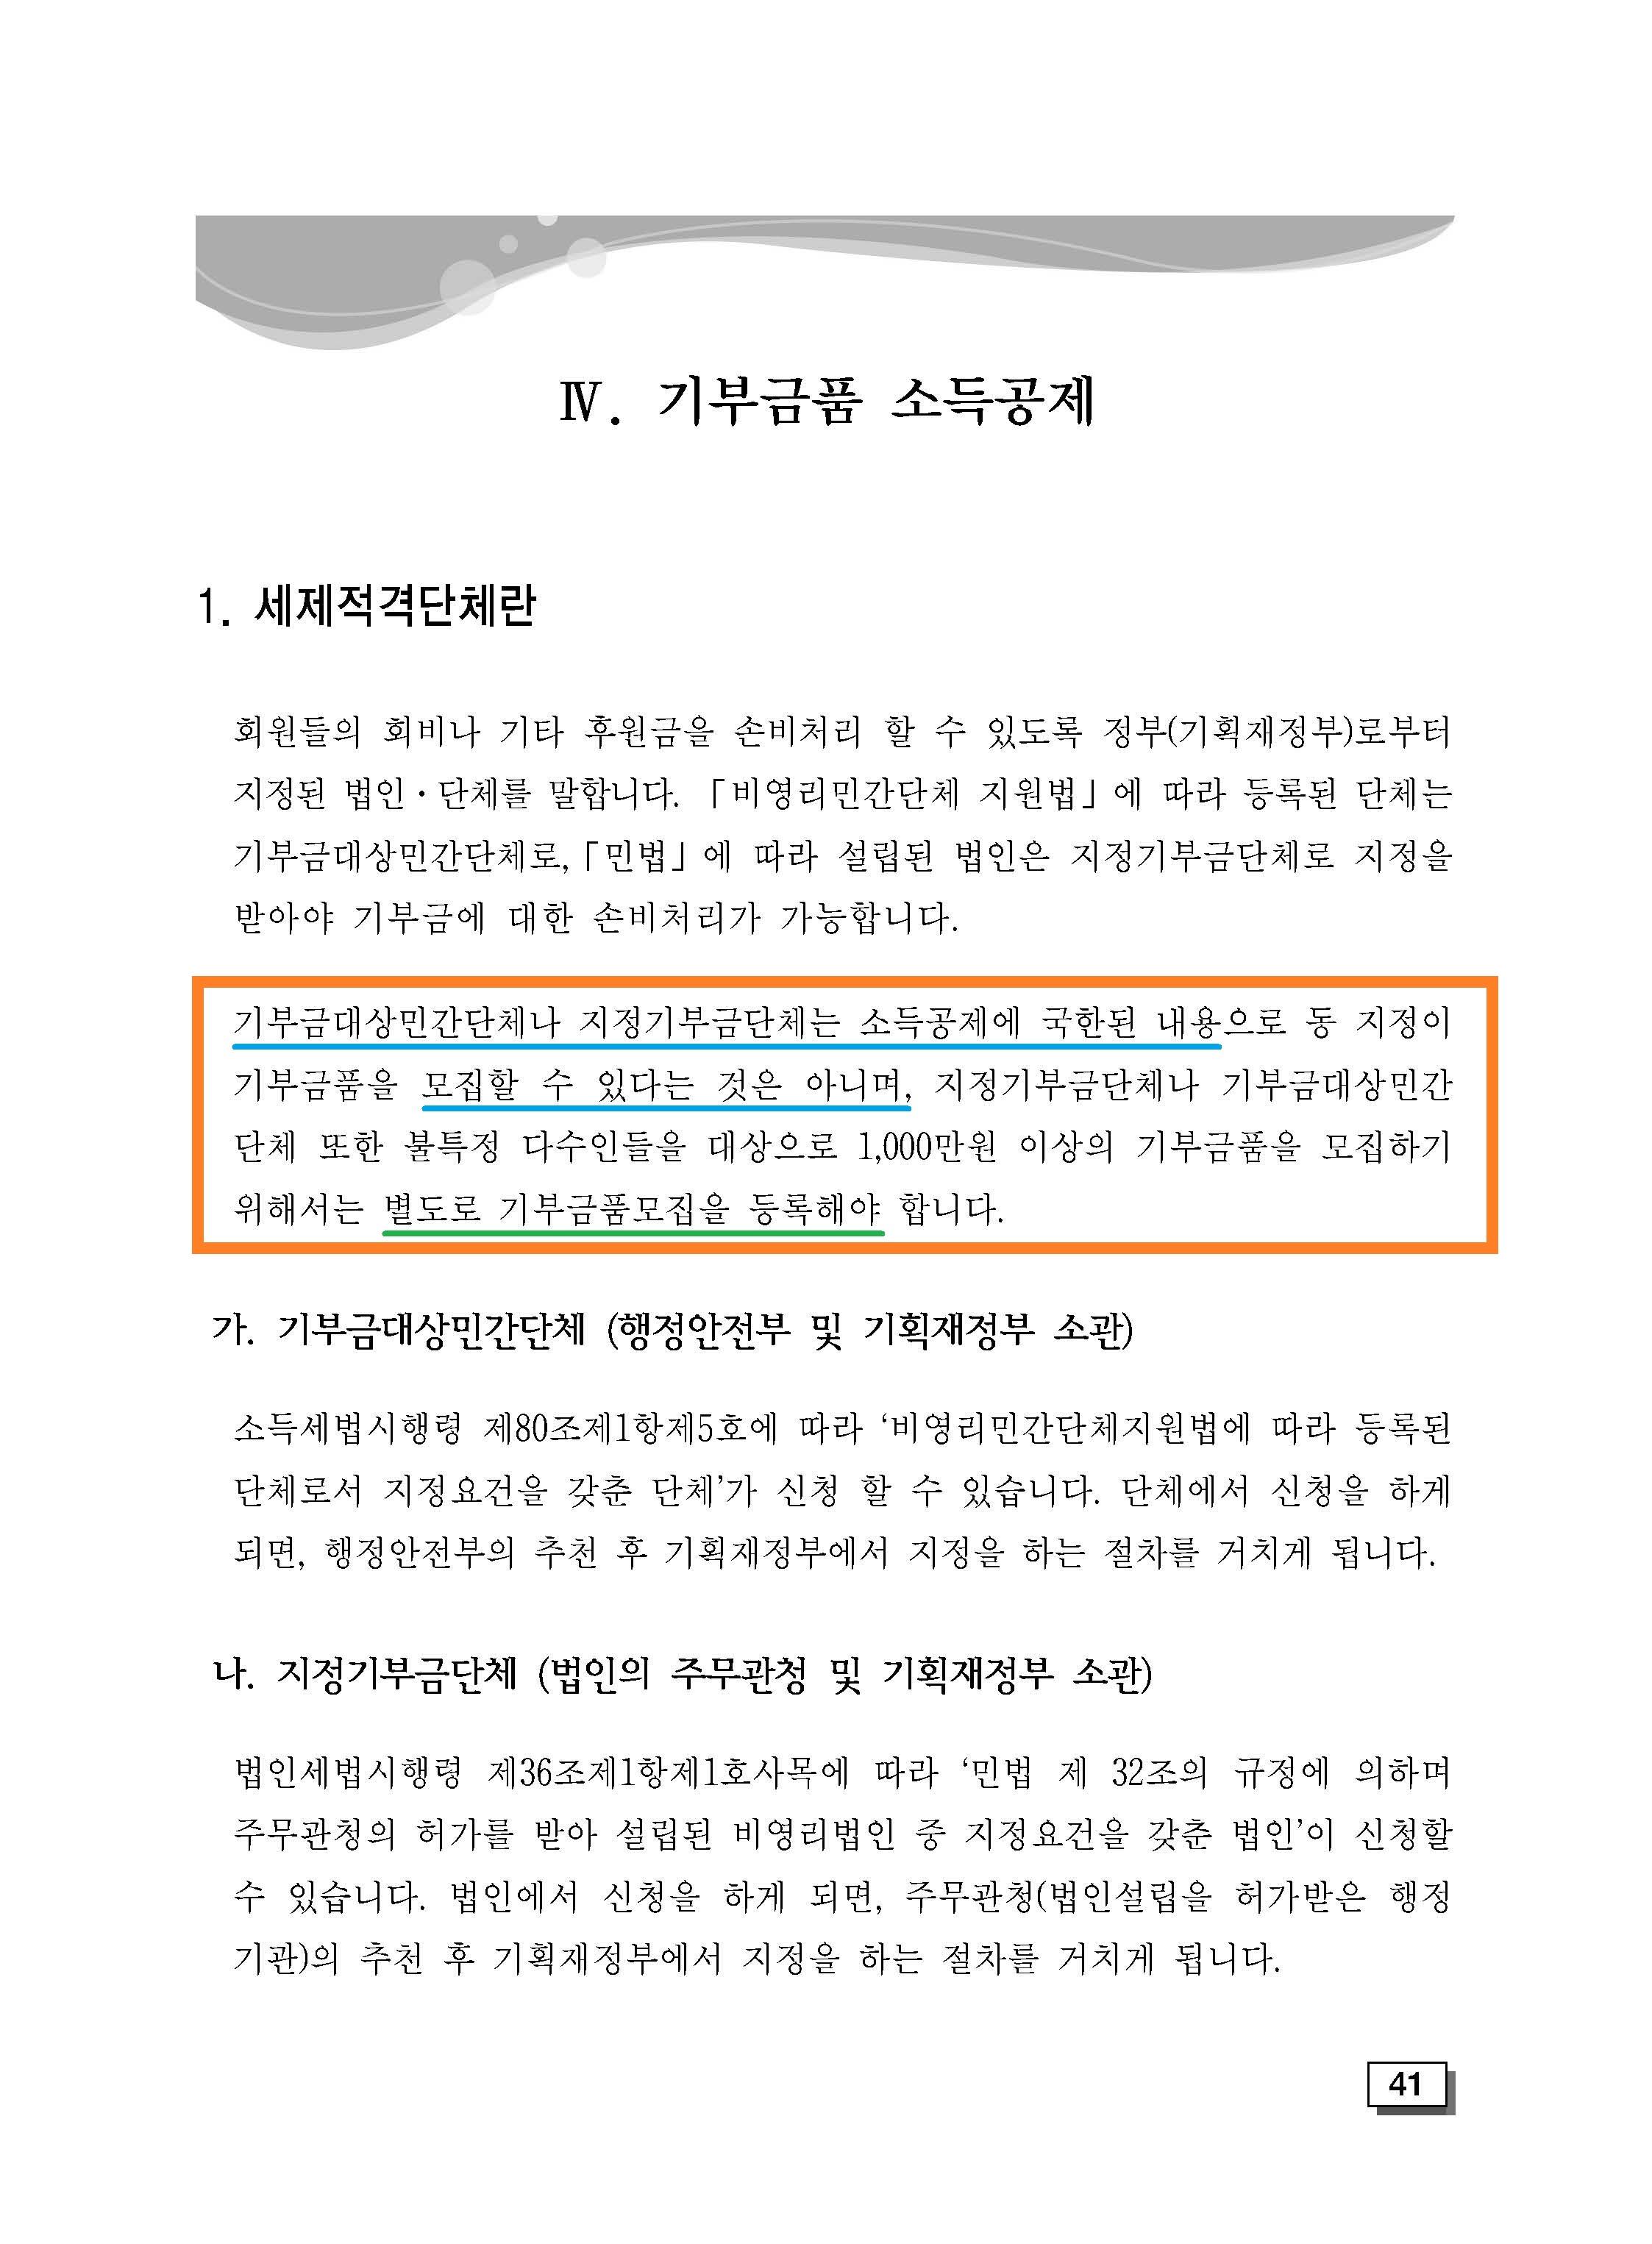 수정_2012년 기부금품 모집제도 해설서(행정안전부)_페이지_047.jpg